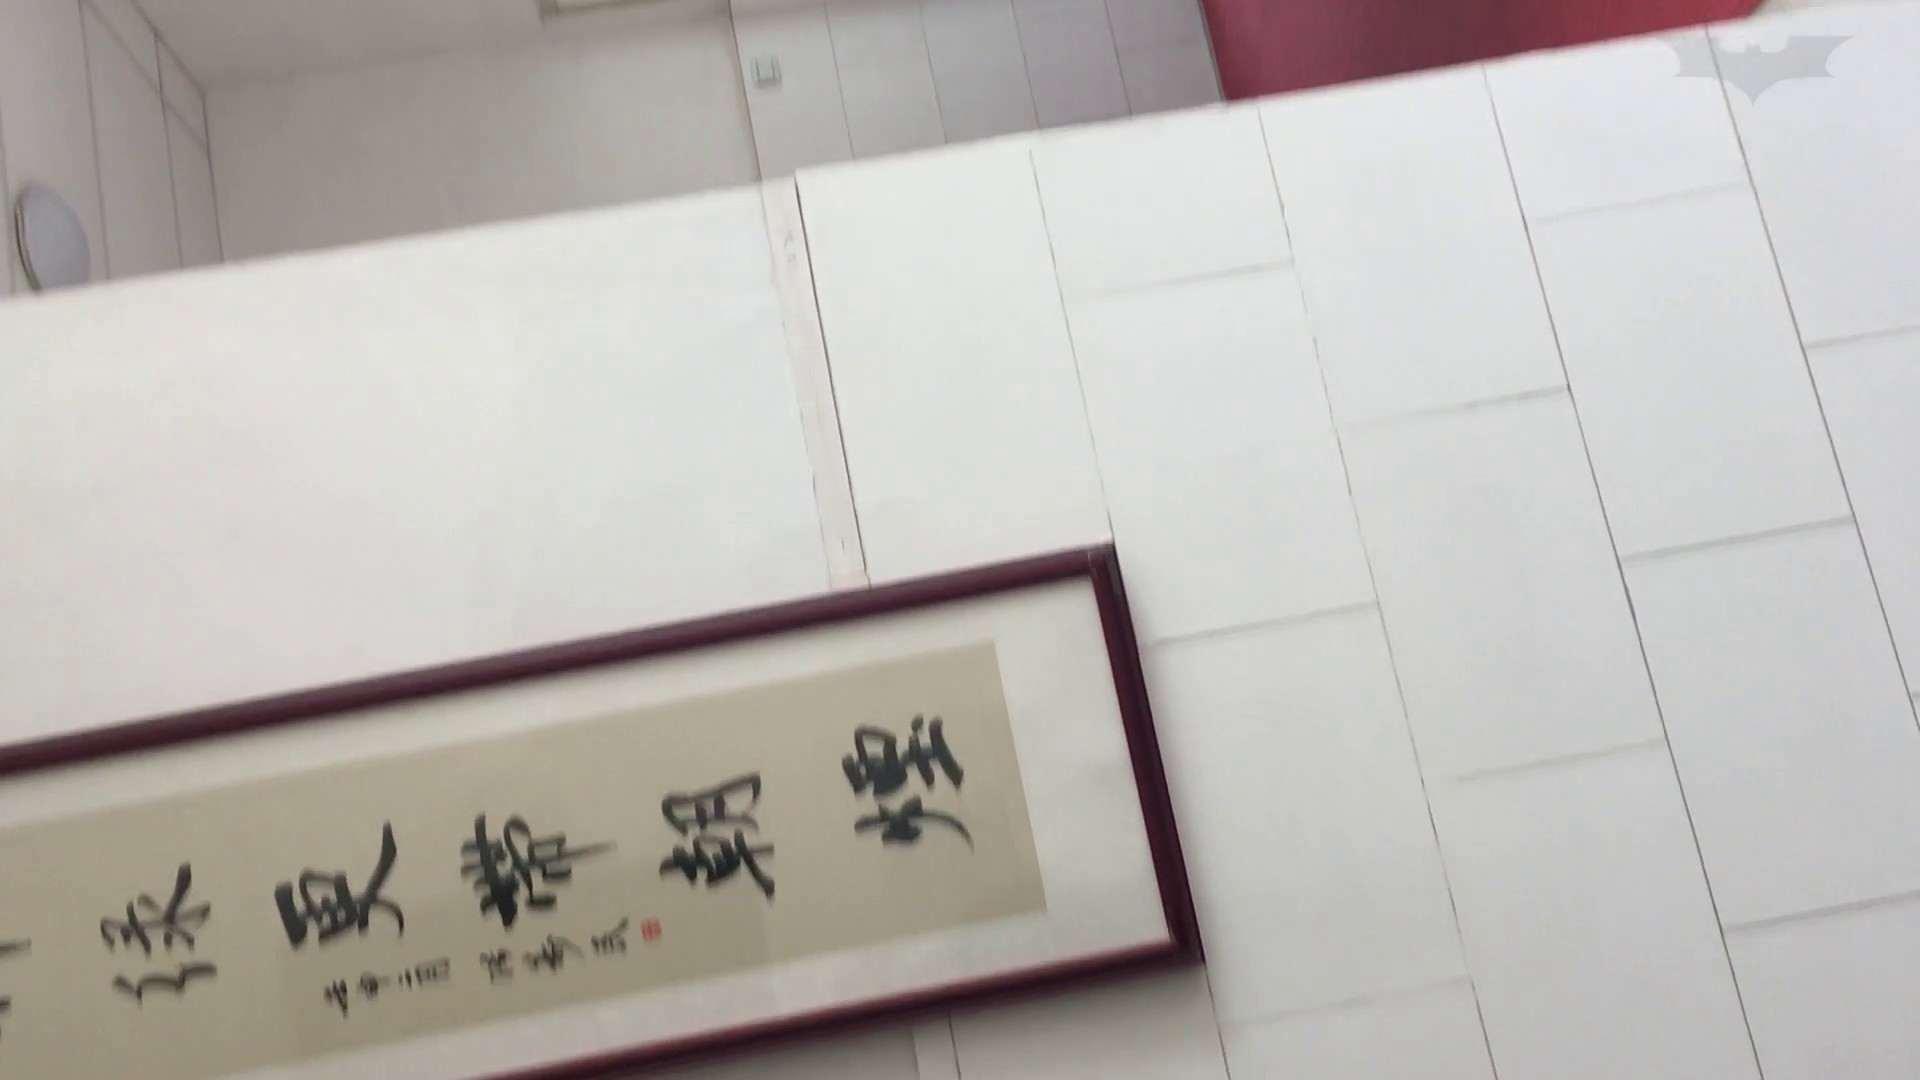 芸術大学ガチ潜入盗撮 JD盗撮 美女の洗面所の秘密 Vol.91 洗面所  58PIX 18